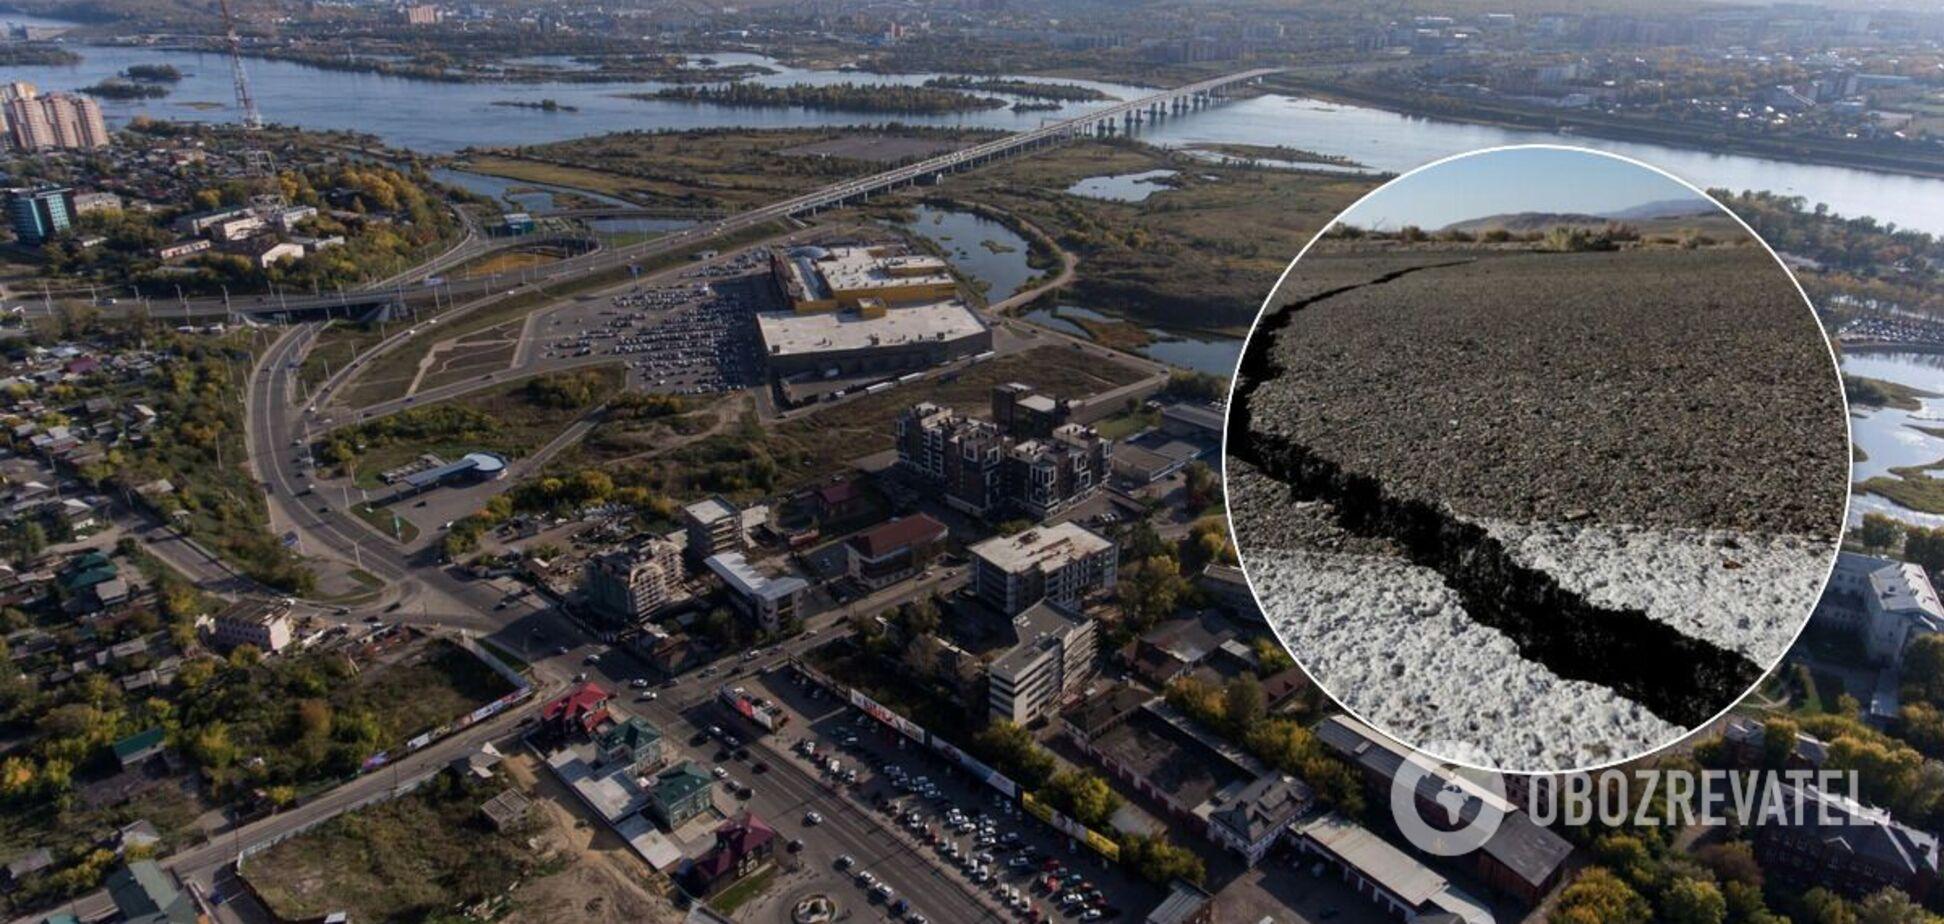 Опубликованы видео разрушений после землетрясения в Иркутске: люди в панике выбегали на улицу